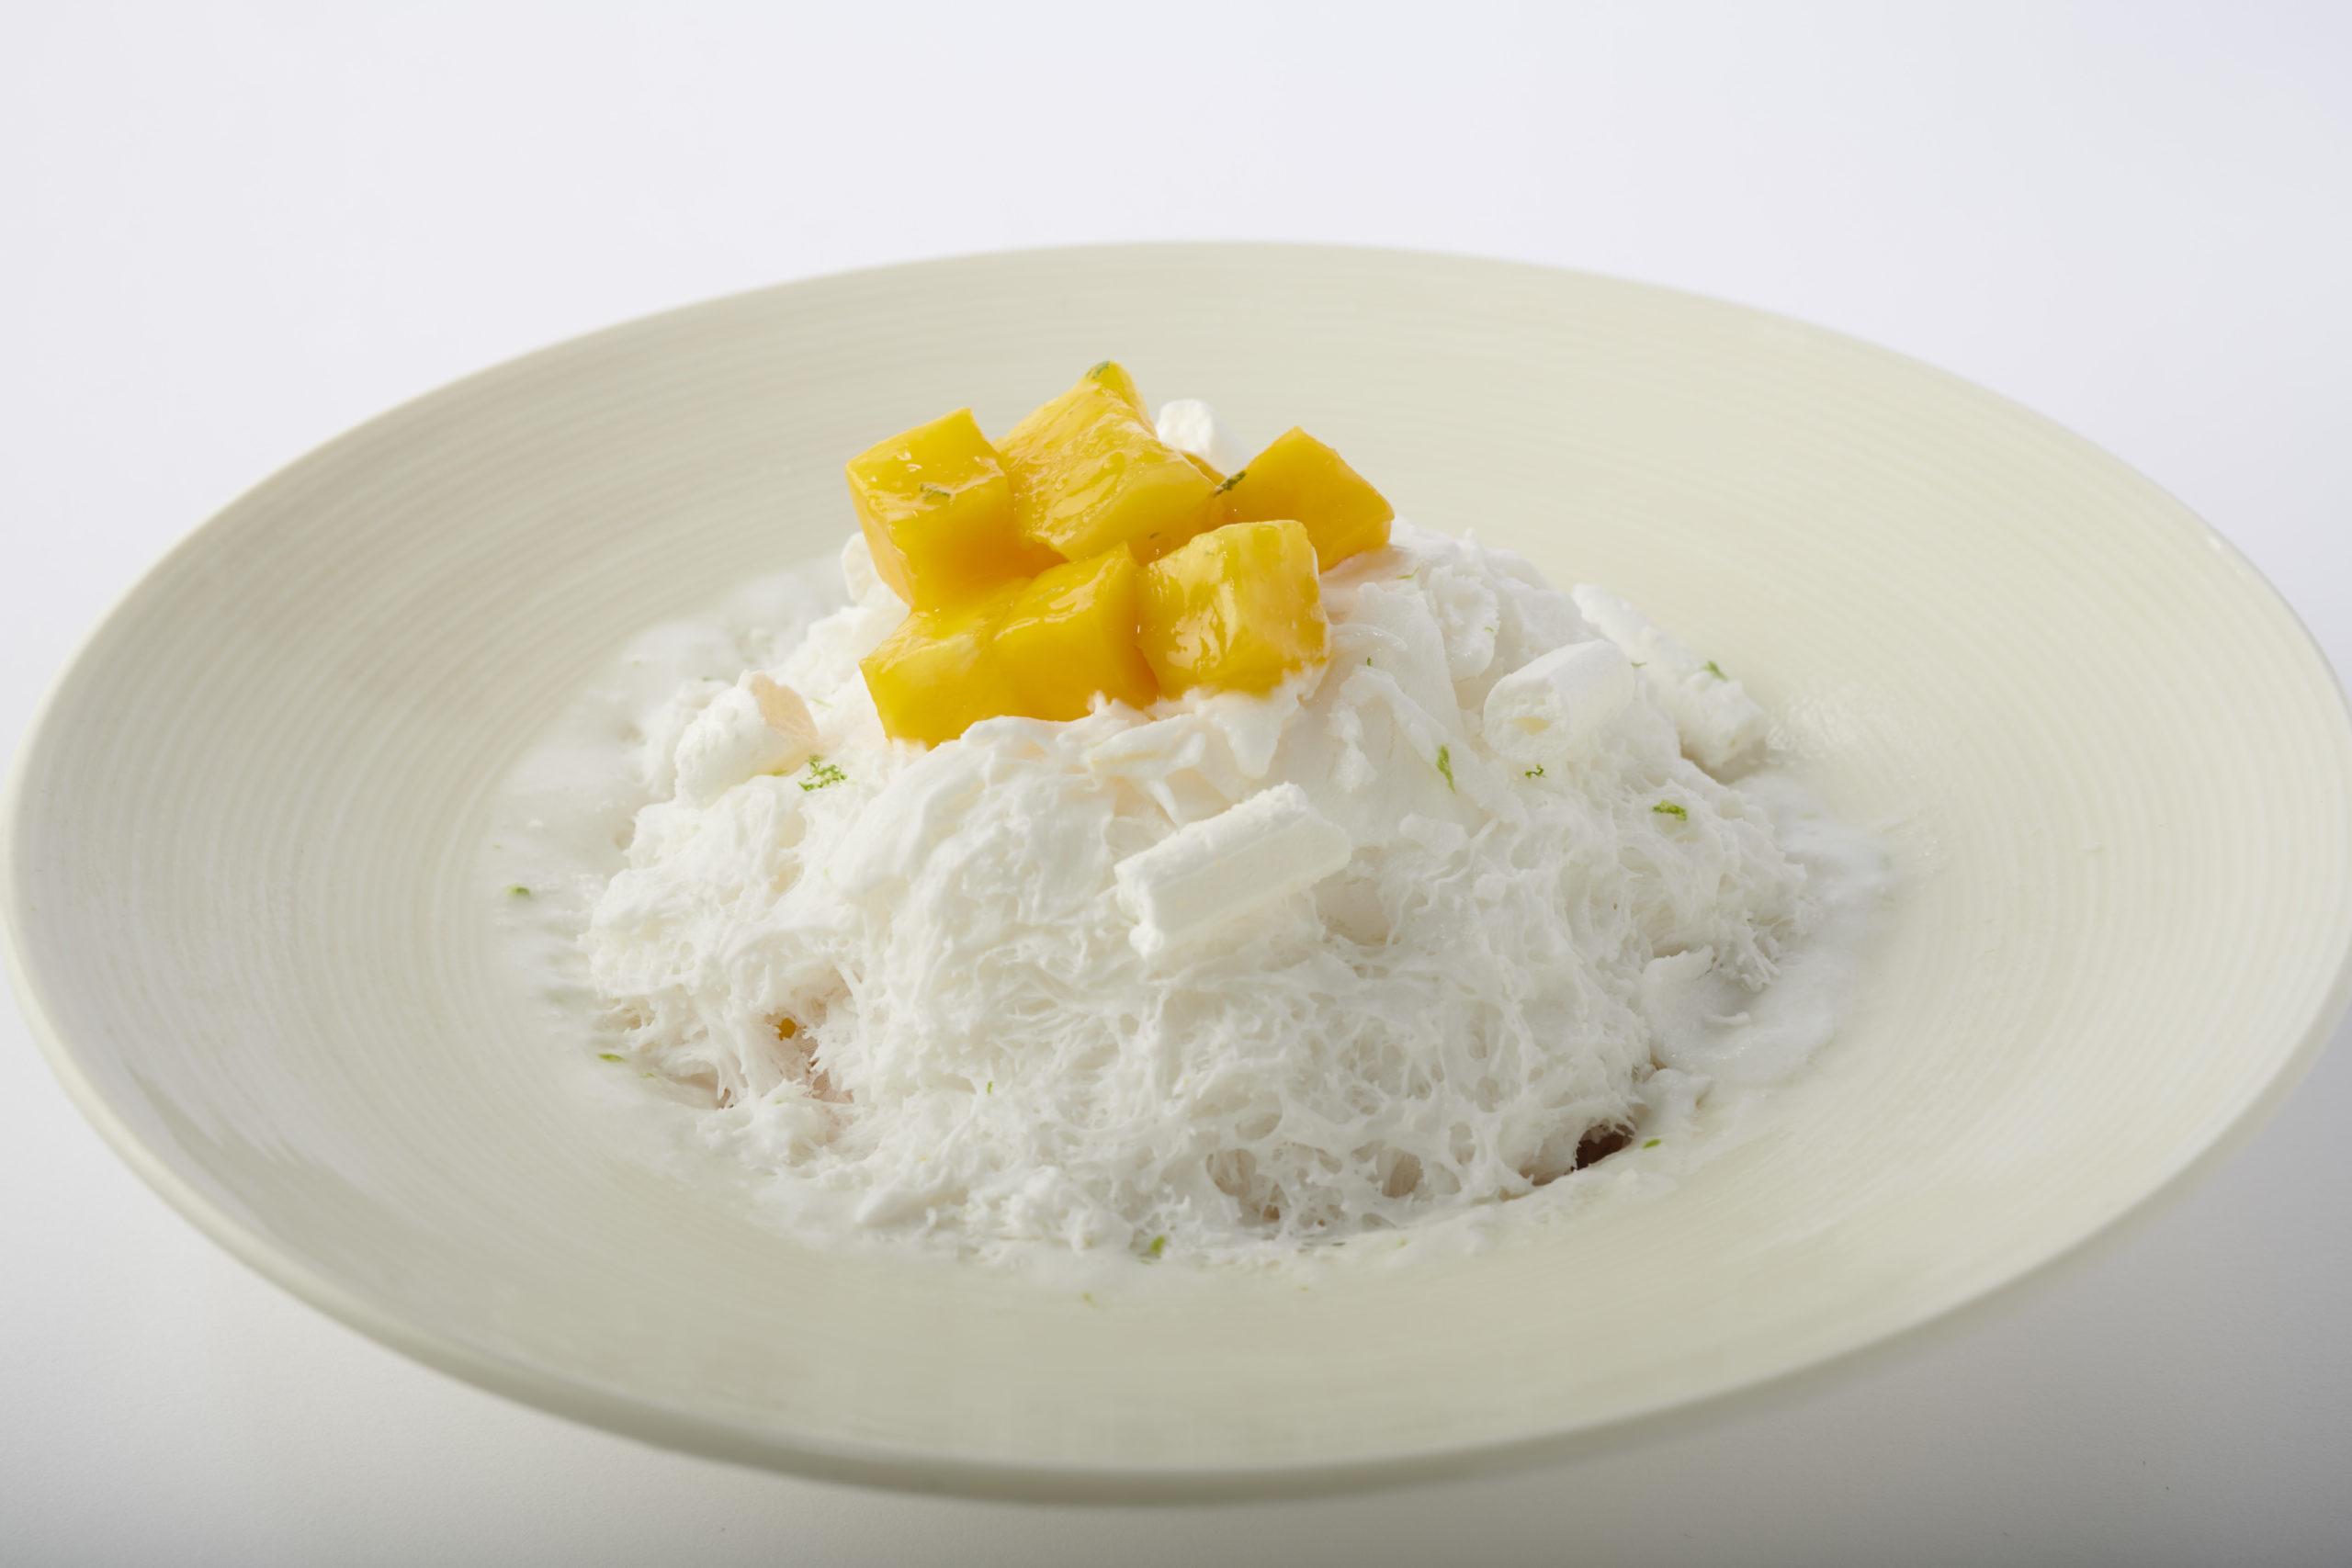 【エンポリオ アルマーニ カフェ 表参道】「南国フルーツのかき氷」